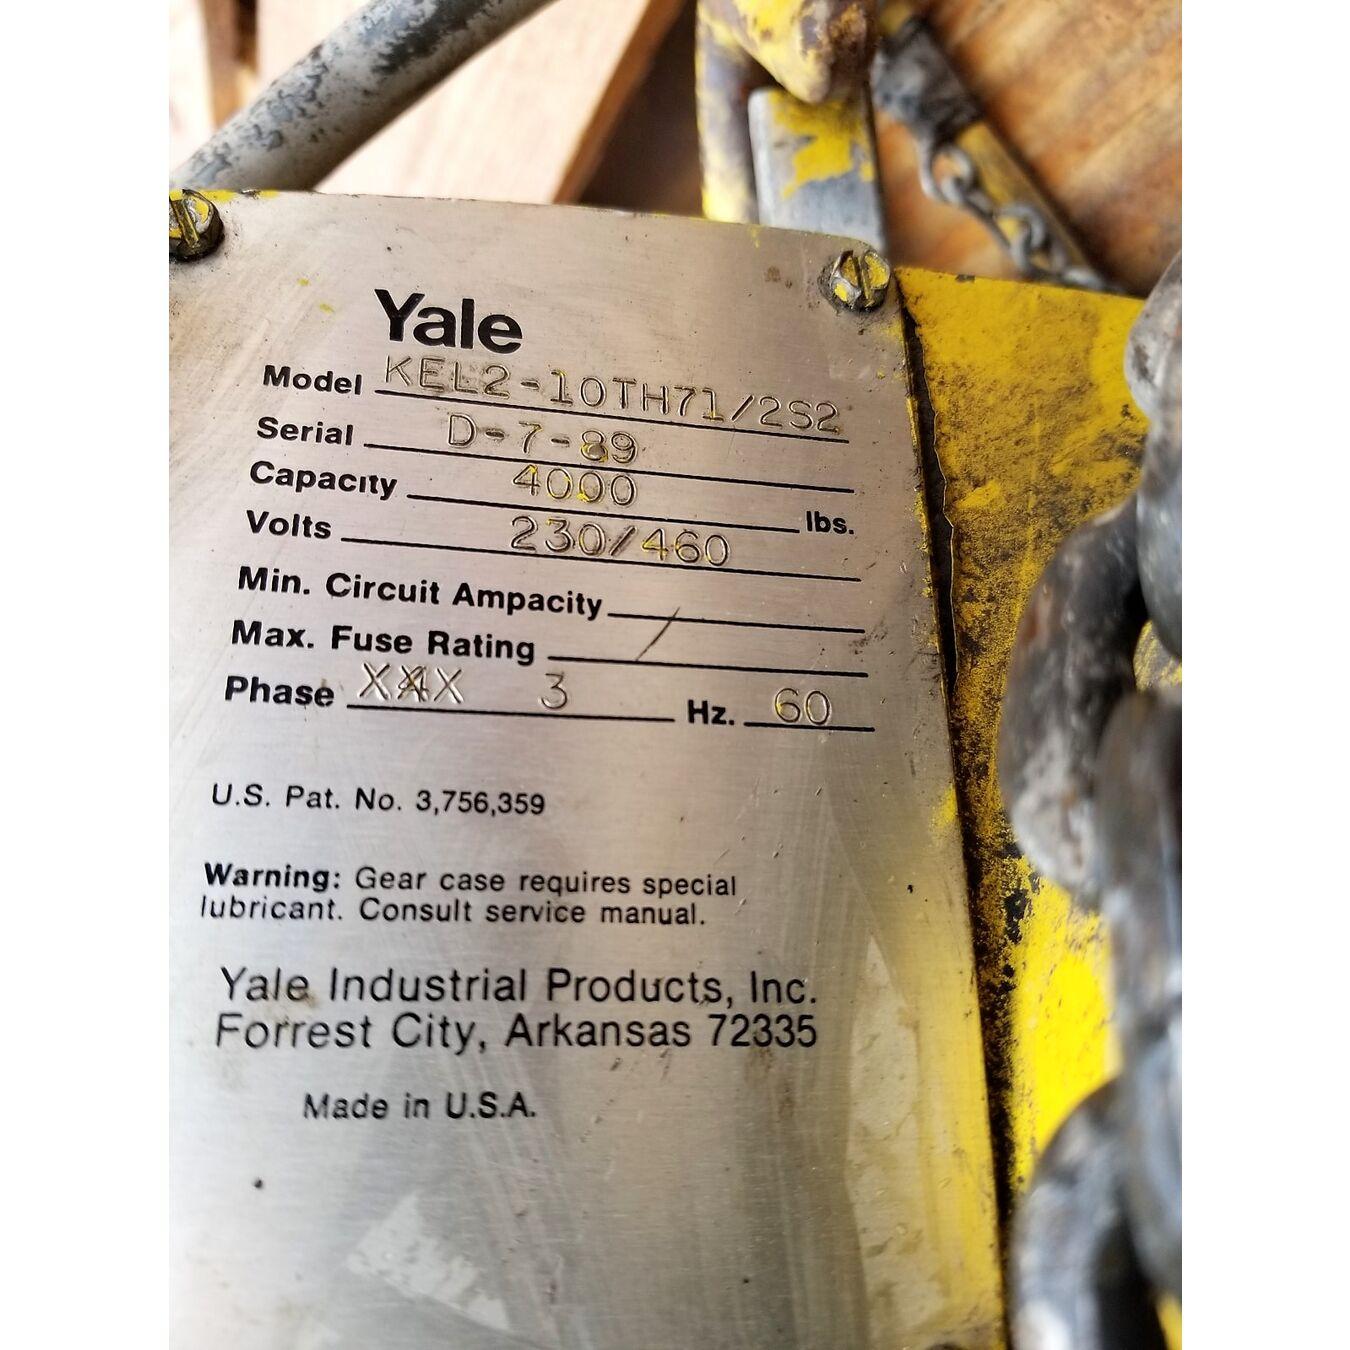 Yale Kel2 Hoist Wiring Diagram. . Wiring Diagram  Ton Yale Hoist Wiring Diagram For Electric on